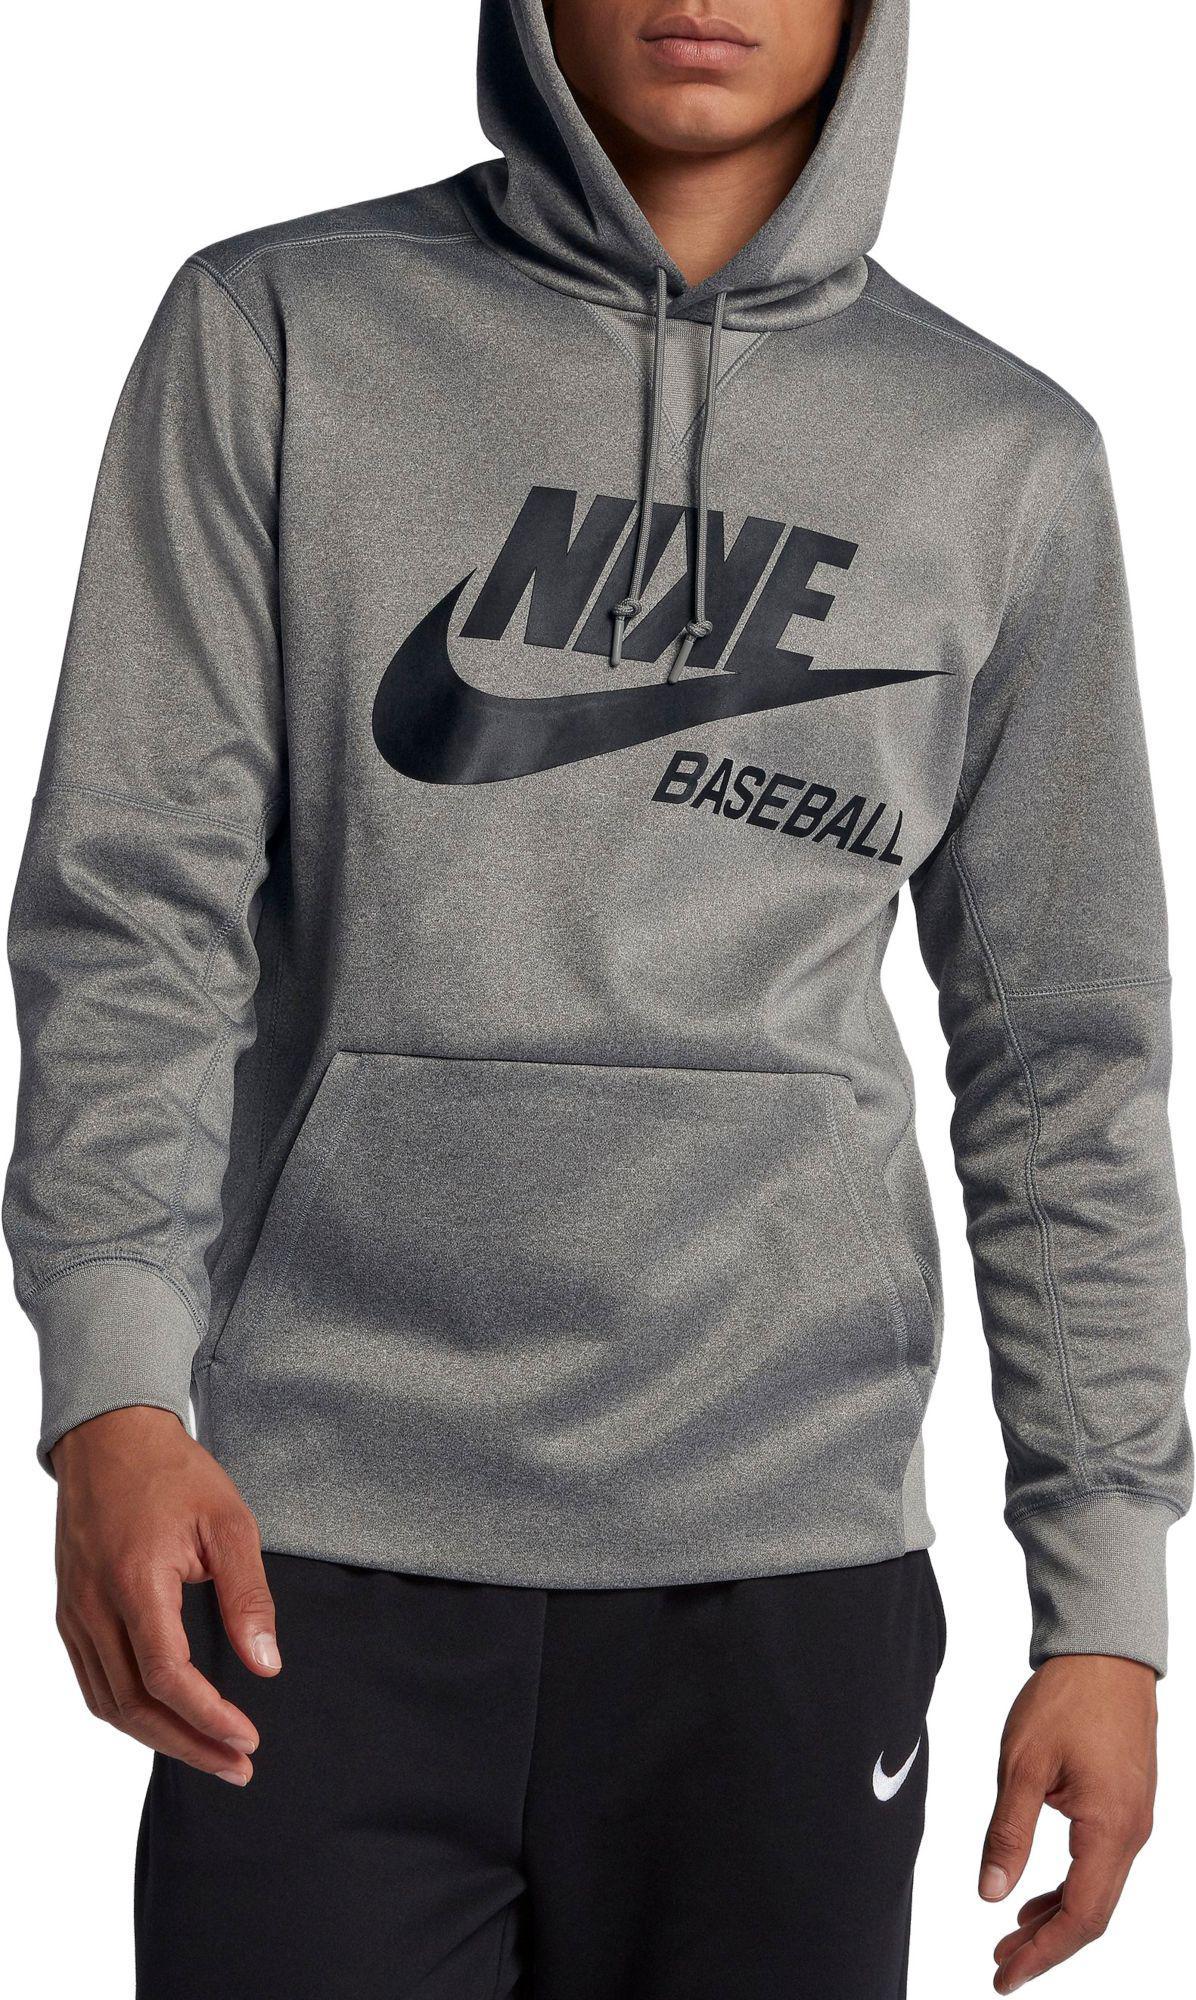 8e1e11492ed Nike. Men s Gray Aseball Pullover Hoodie.  55 From Dick s Sporting Goods